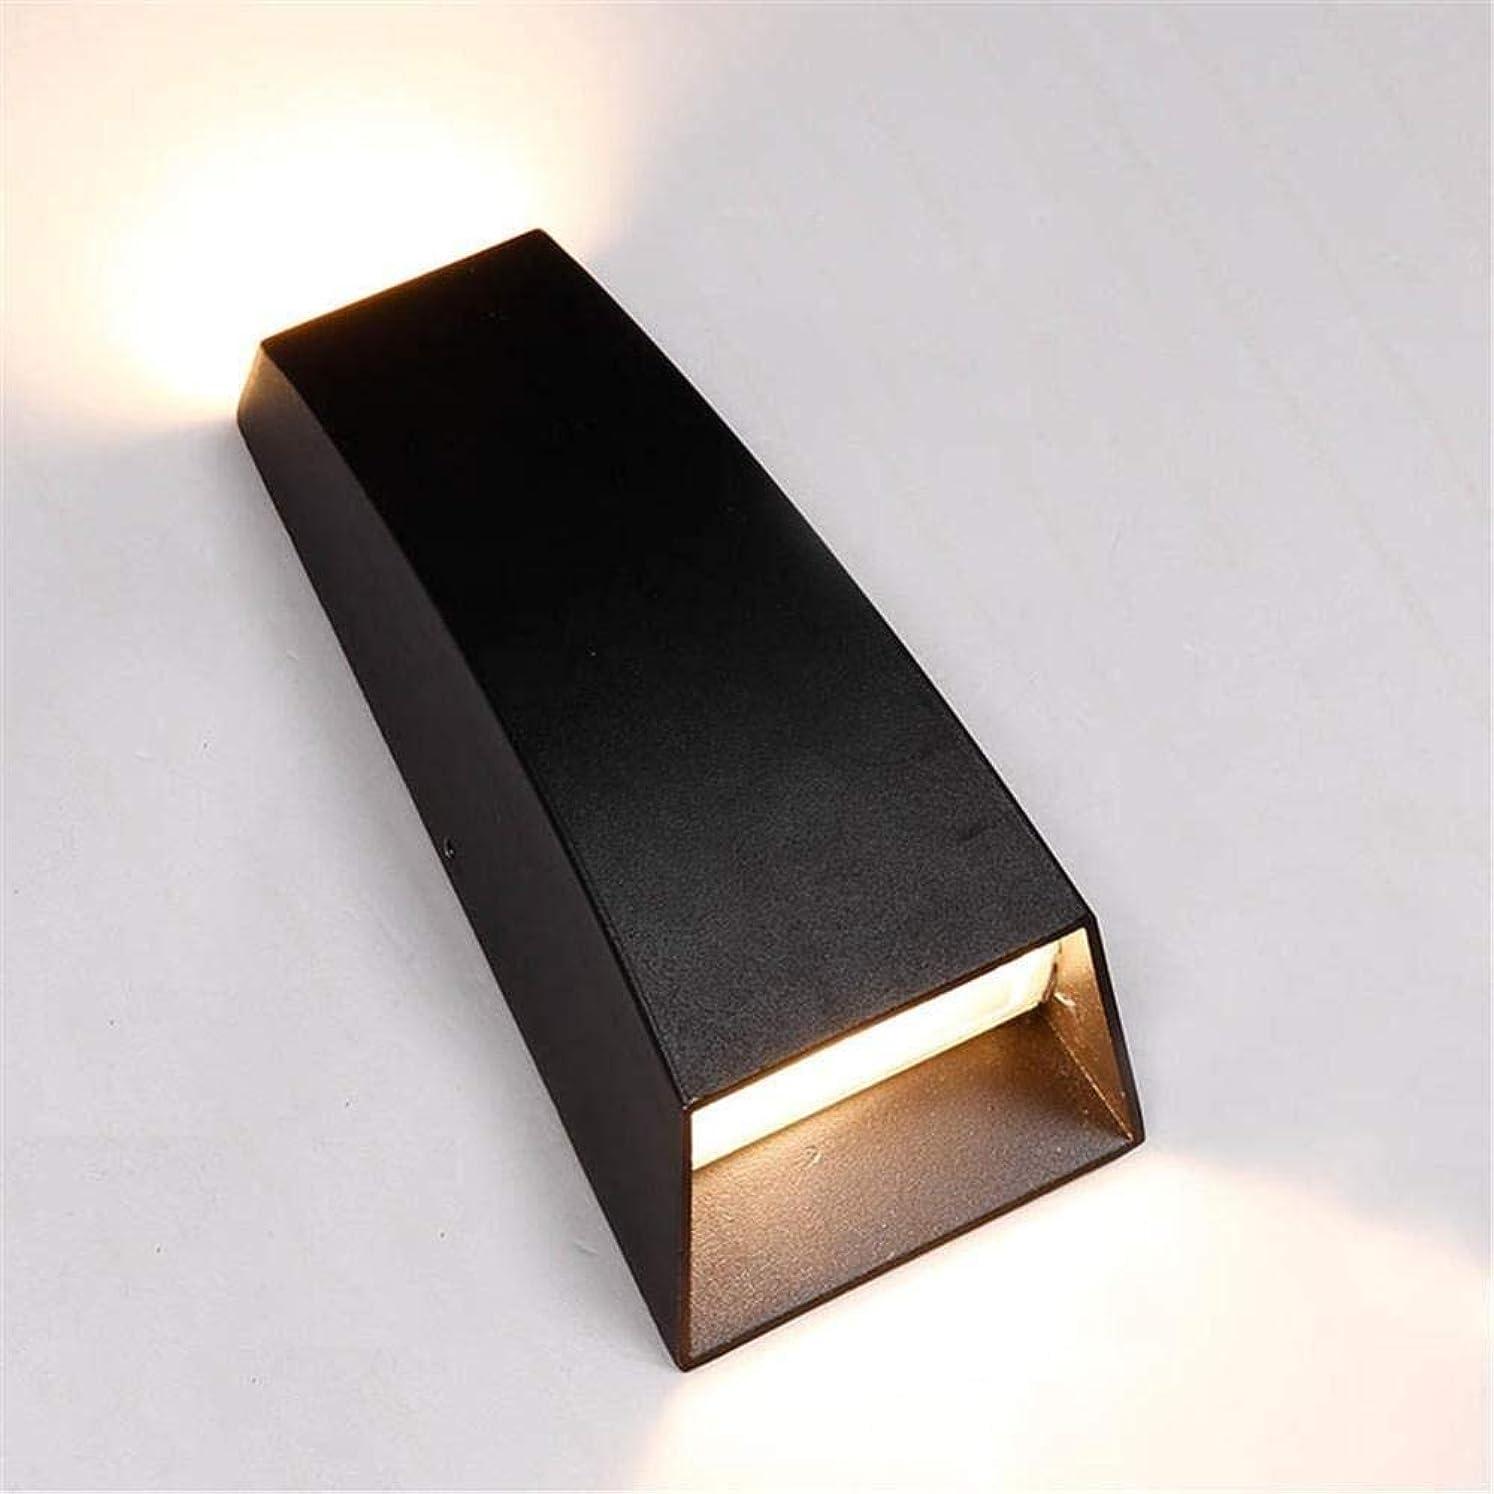 社会伝導率ビザCattleBie 導かれた屋外の壁ランプ防水アイルヴィラ上下フォトバルコニー外壁シンプルなダブルヘッドスポットライト (Color : Black)